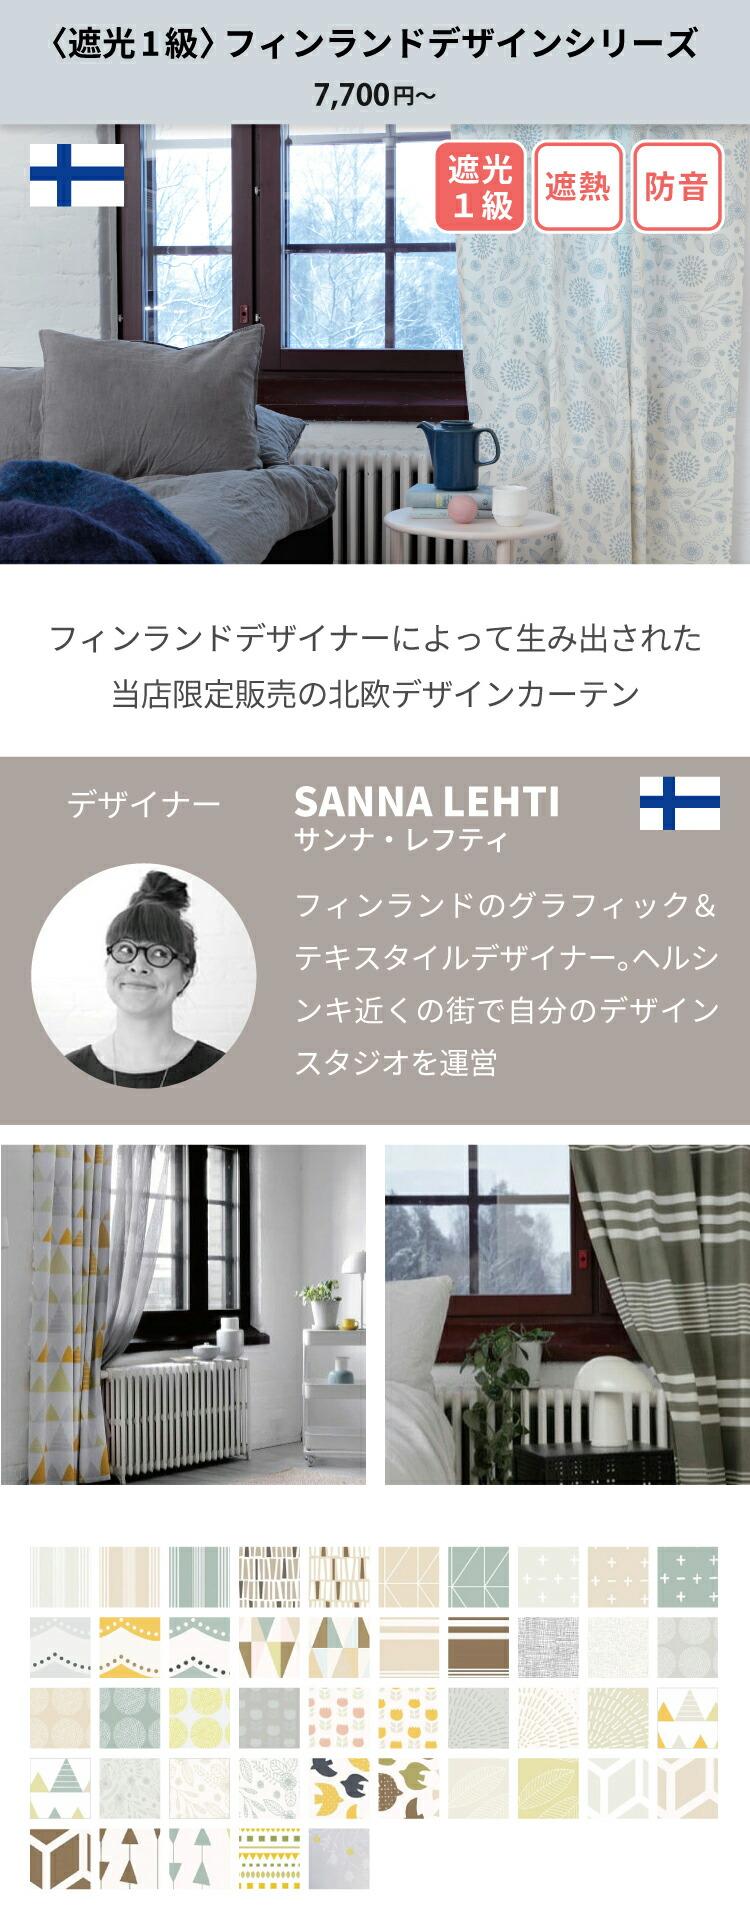 フィンランドデザイン